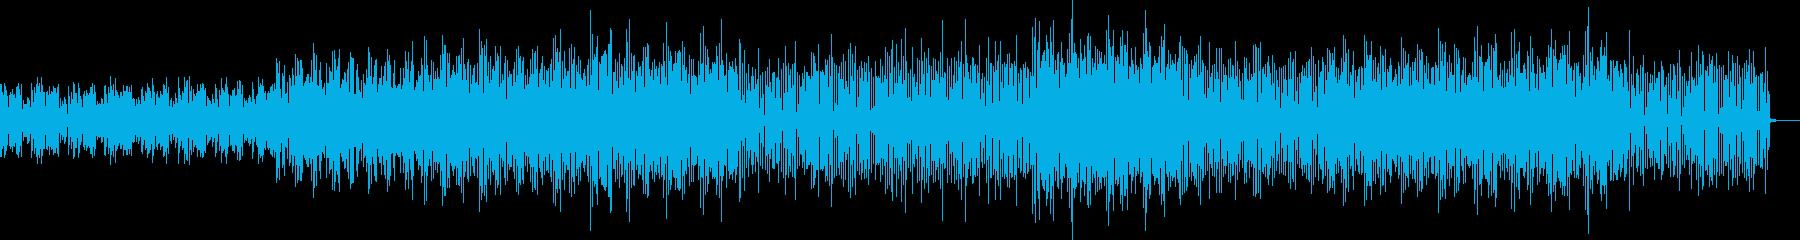 十二音技法による不気味なミニマルテクノの再生済みの波形